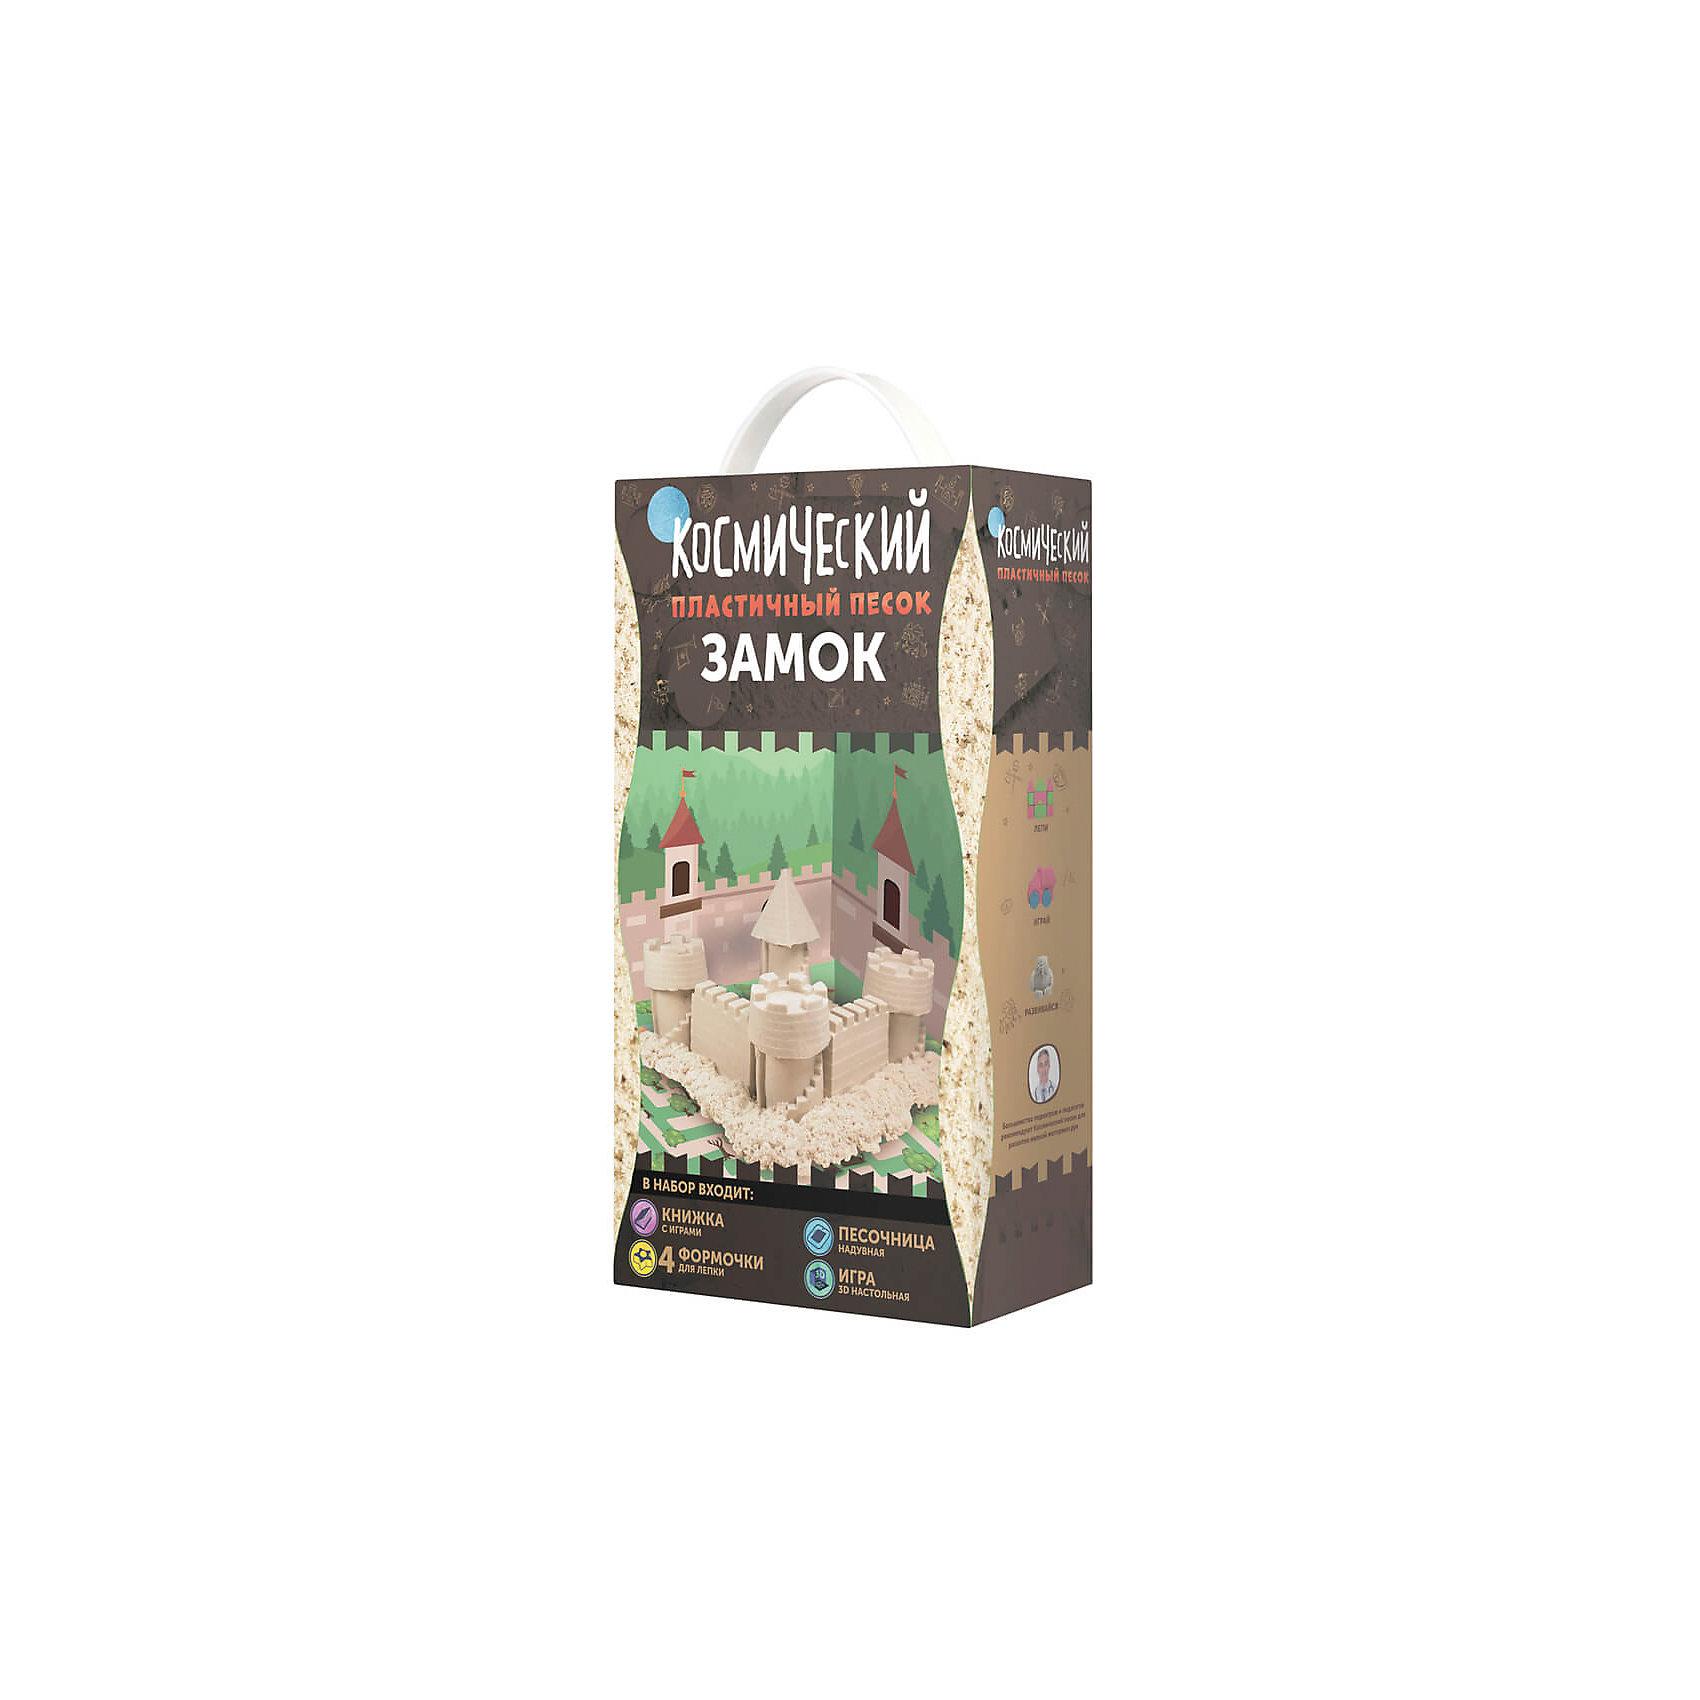 Набор Замок 2 кг, Космический песокКинетический песок<br>Характеристики товара:<br><br>• цвет: разноцветный<br>• размер упаковки: 16 x 30 x 8 см<br>• вес: 2500 г<br>• комплектация: большая надувная песочница, 2 кг песка розового цвета, 4 формы для лепки, трехмерная настольная игра, книжка с развивающими играми и пошаговыми инструкциями<br>• подходит для игр дома<br>• возраст: от двух лет<br>• упаковка: коробка<br>• страна бренда: РФ<br>• страна изготовитель: РФ<br><br>Такой набор станет отличным подарком ребенку - ведь с помощью кинетического песка можно создавать фигуры легко и весело! В набор входят целых два килограмма песка и набор для игры с ним дома. Песок легко принимает нужную форму и так же легко распадается на песчинки. Играть можно бесконечно! Песок легко собирается, не красится и оставляет пятен на одежде.<br>Детям очень нравится что-то делать своими руками. Кроме того, творчество помогает детям развивать важные навыки и способности, оно активизирует мышление, формирует усидчивость, творческие способности, мелкую моторику и воображение. Изделие производится из качественных и проверенных материалов, которые безопасны для детей.<br><br>Набор Замок 2 кг, от бренда Космический песок можно купить в нашем интернет-магазине.<br><br>Ширина мм: 160<br>Глубина мм: 85<br>Высота мм: 300<br>Вес г: 2500<br>Возраст от месяцев: 36<br>Возраст до месяцев: 84<br>Пол: Унисекс<br>Возраст: Детский<br>SKU: 5168933